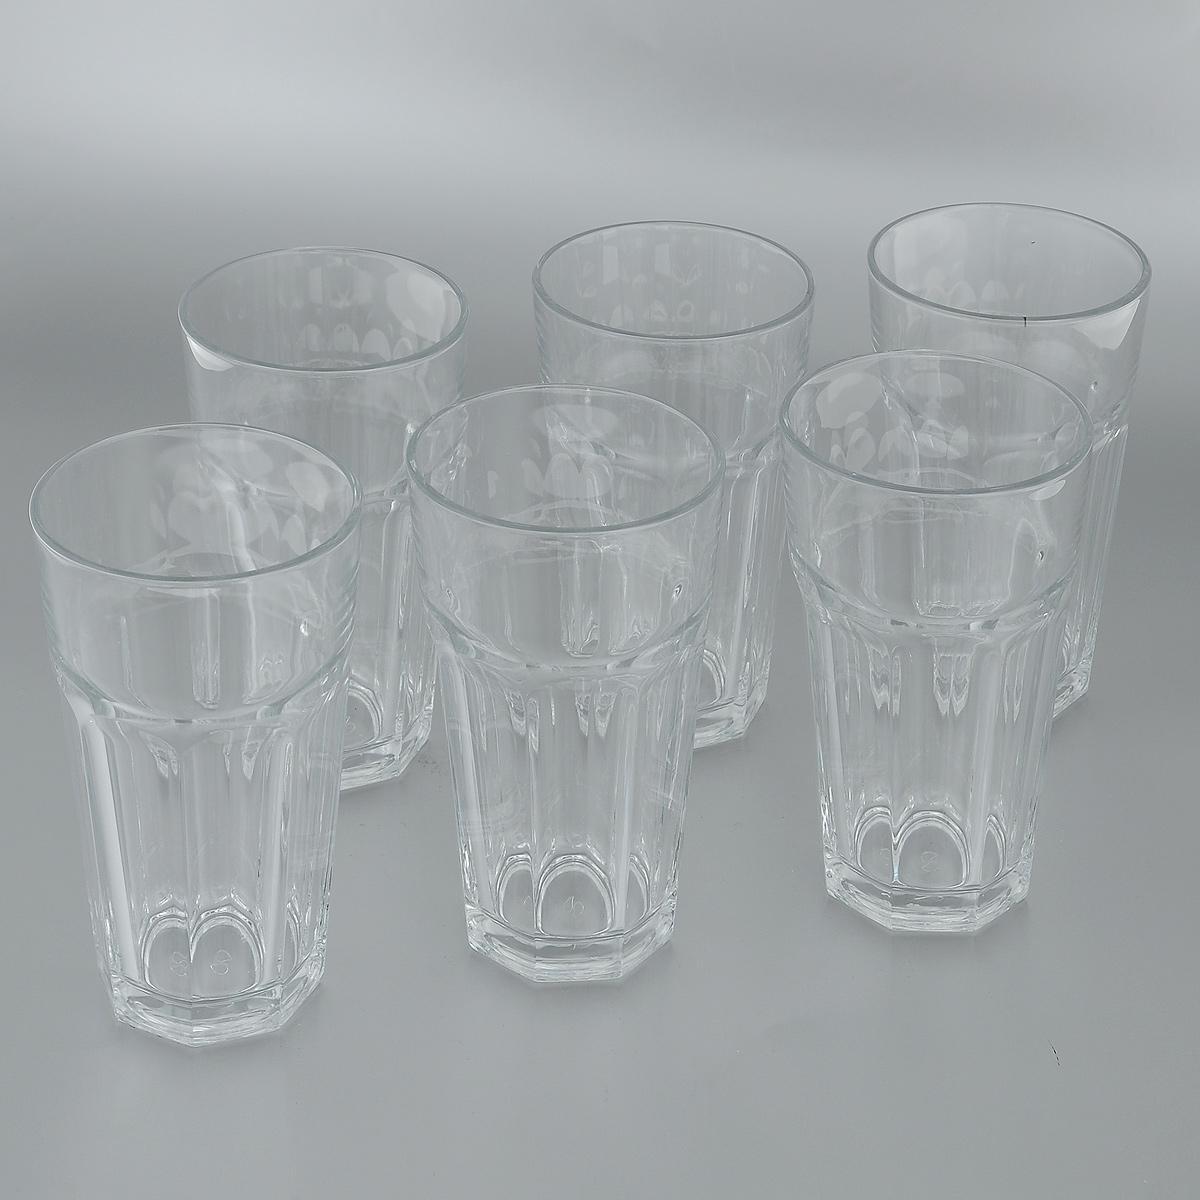 Набор стаканов для пива Pasabahce Casablanca, 475 мл, 6 штVT-1520(SR)Набор Pasabahce Casablanca состоит из шести стаканов, изготовленных из прочного натрий-кальций-силикатного стекла. Изделия, предназначенные для подачи пива, несомненно придутся вам по душе. Стаканы, оснащенные рельефной многогранной поверхностью, сочетают в себе элегантный дизайн и функциональность. Благодаря такому набору пить напитки будет еще вкуснее. Набор стаканов Pasabahce Casablanca идеально подойдет для сервировки стола и станет отличным подарком к любому празднику.Можно мыть в посудомоечной машине и использовать в микроволновой печи. Диаметр стакана по верхнему краю: 8,5 см.Высота стакана: 16 см.